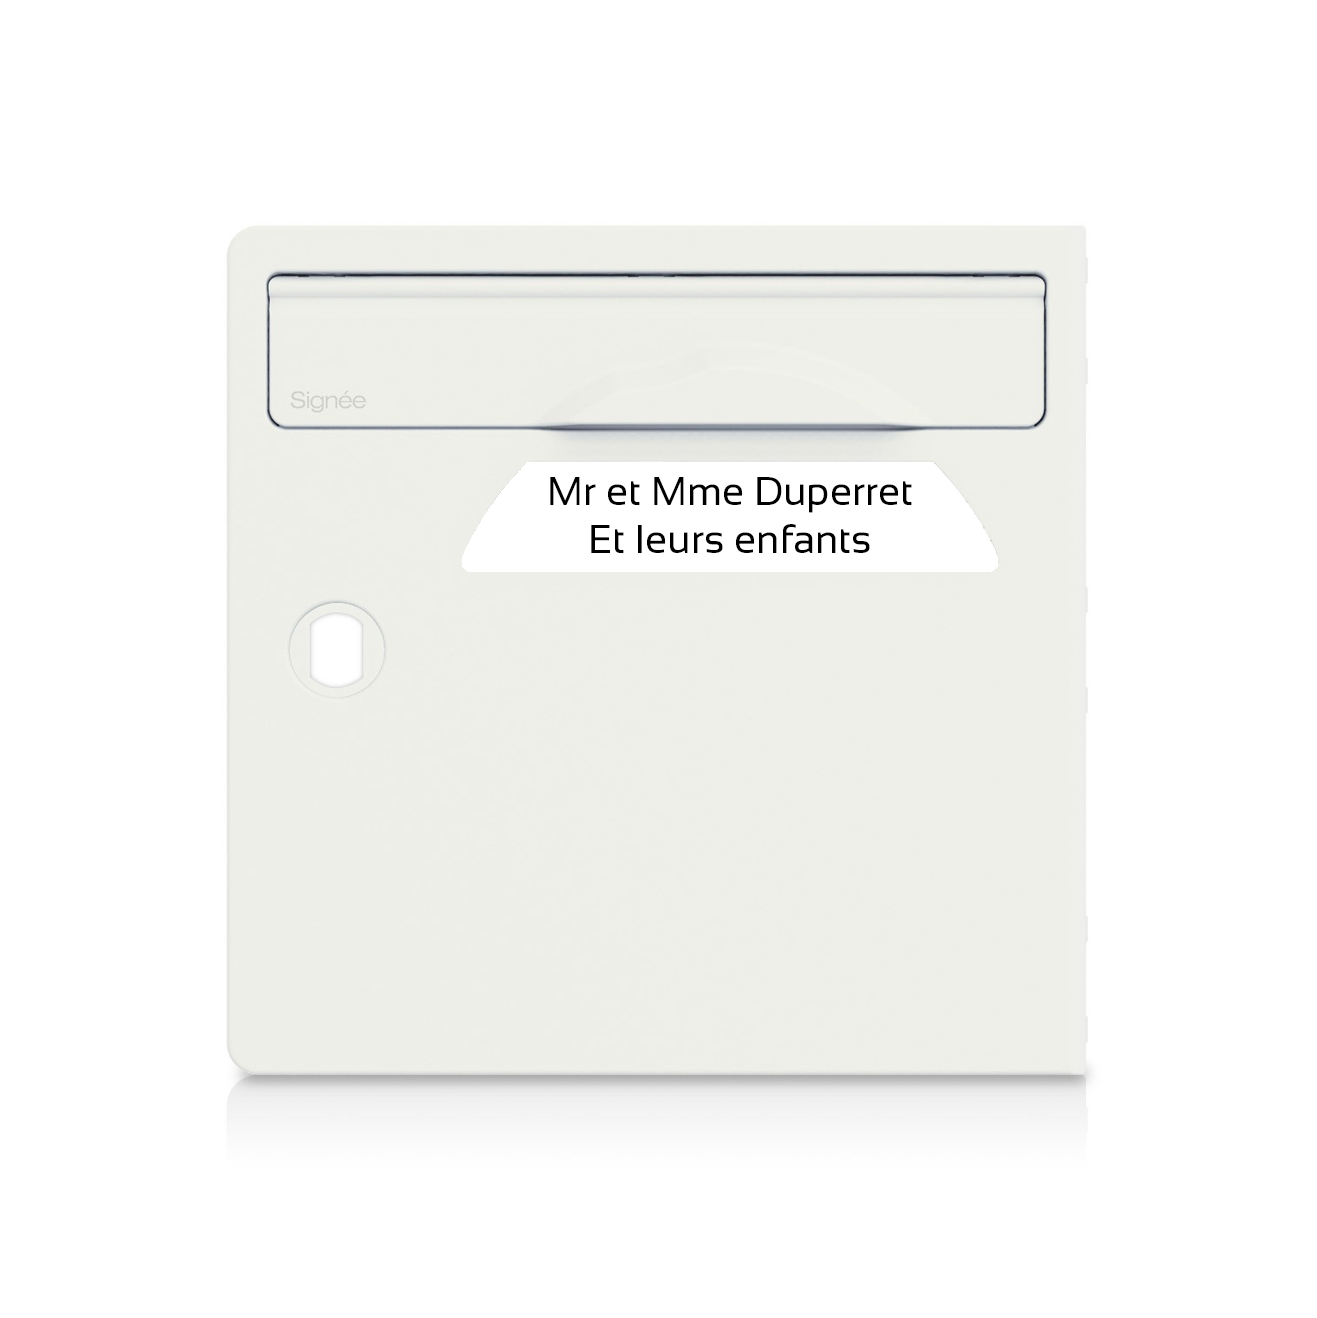 plaque boite aux lettres Signée blanche lettres noires - 2 lignes